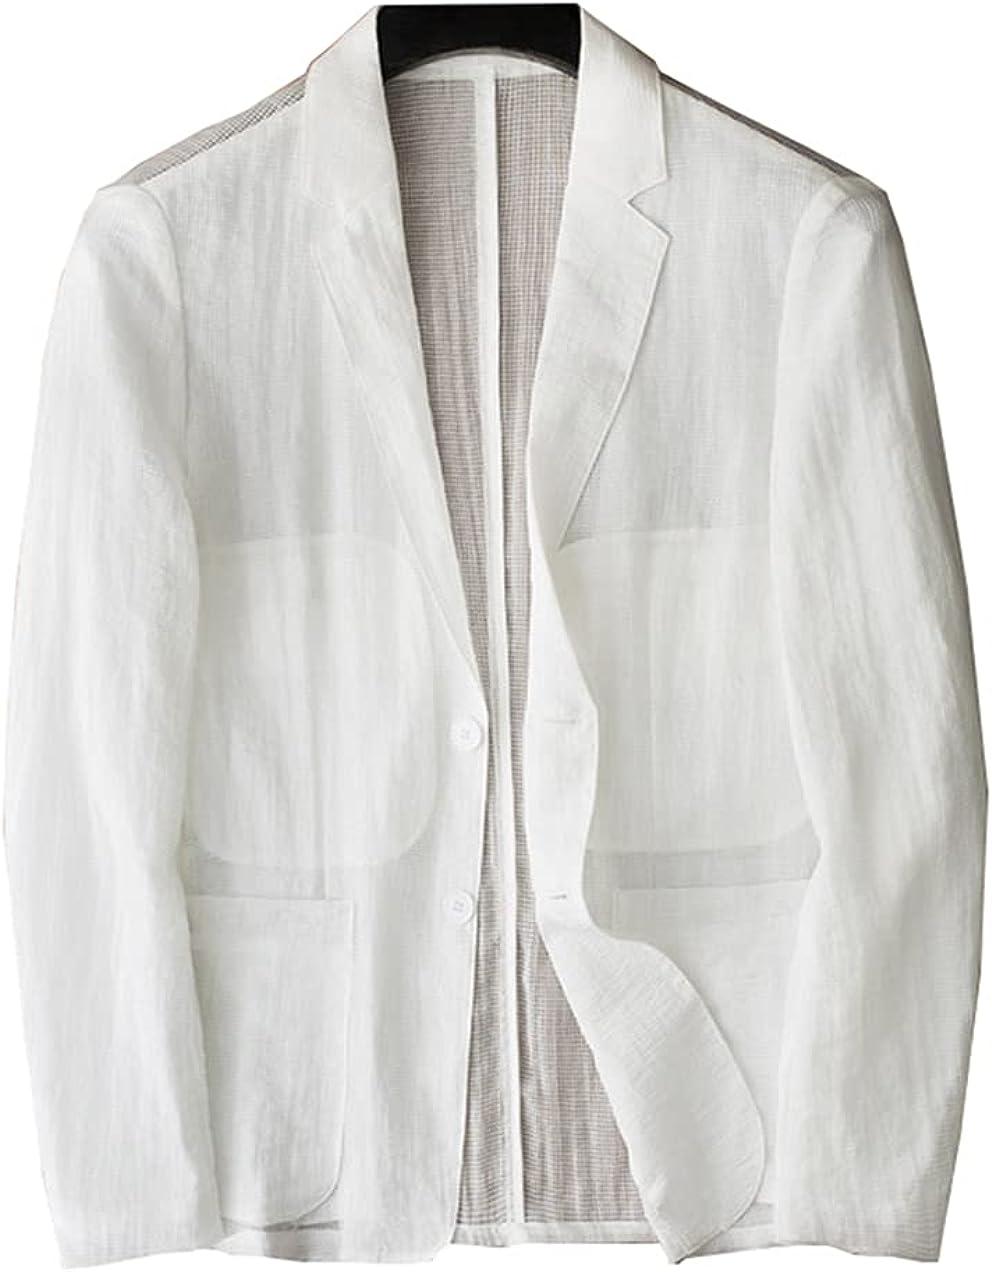 Suits for Men Slim Fit Tuxedo White Suit Sun Protection Linen